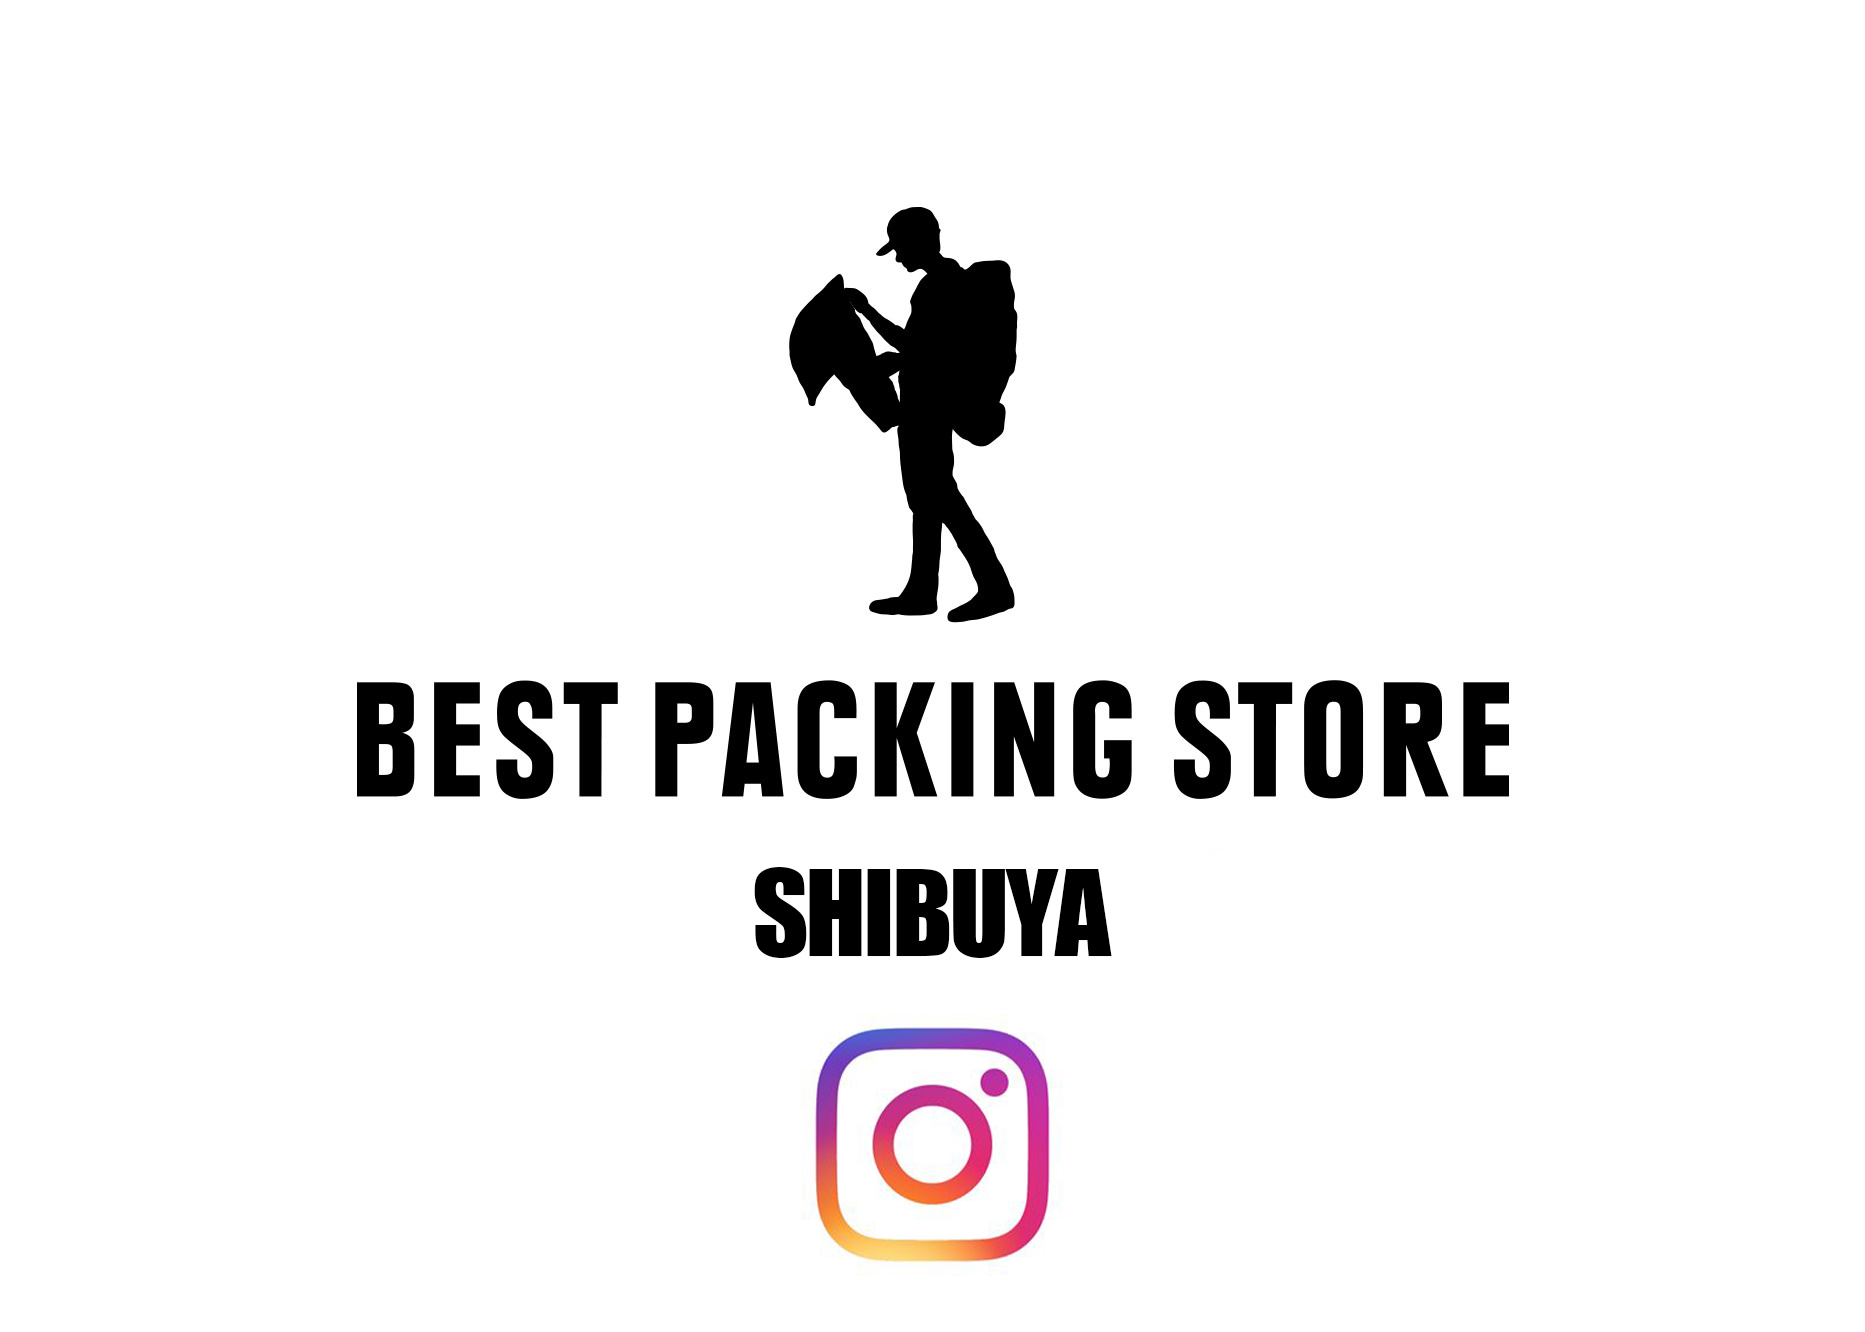 BEST PACKING STORE SHIBUYA INSTAGRAM ACCOUNT START